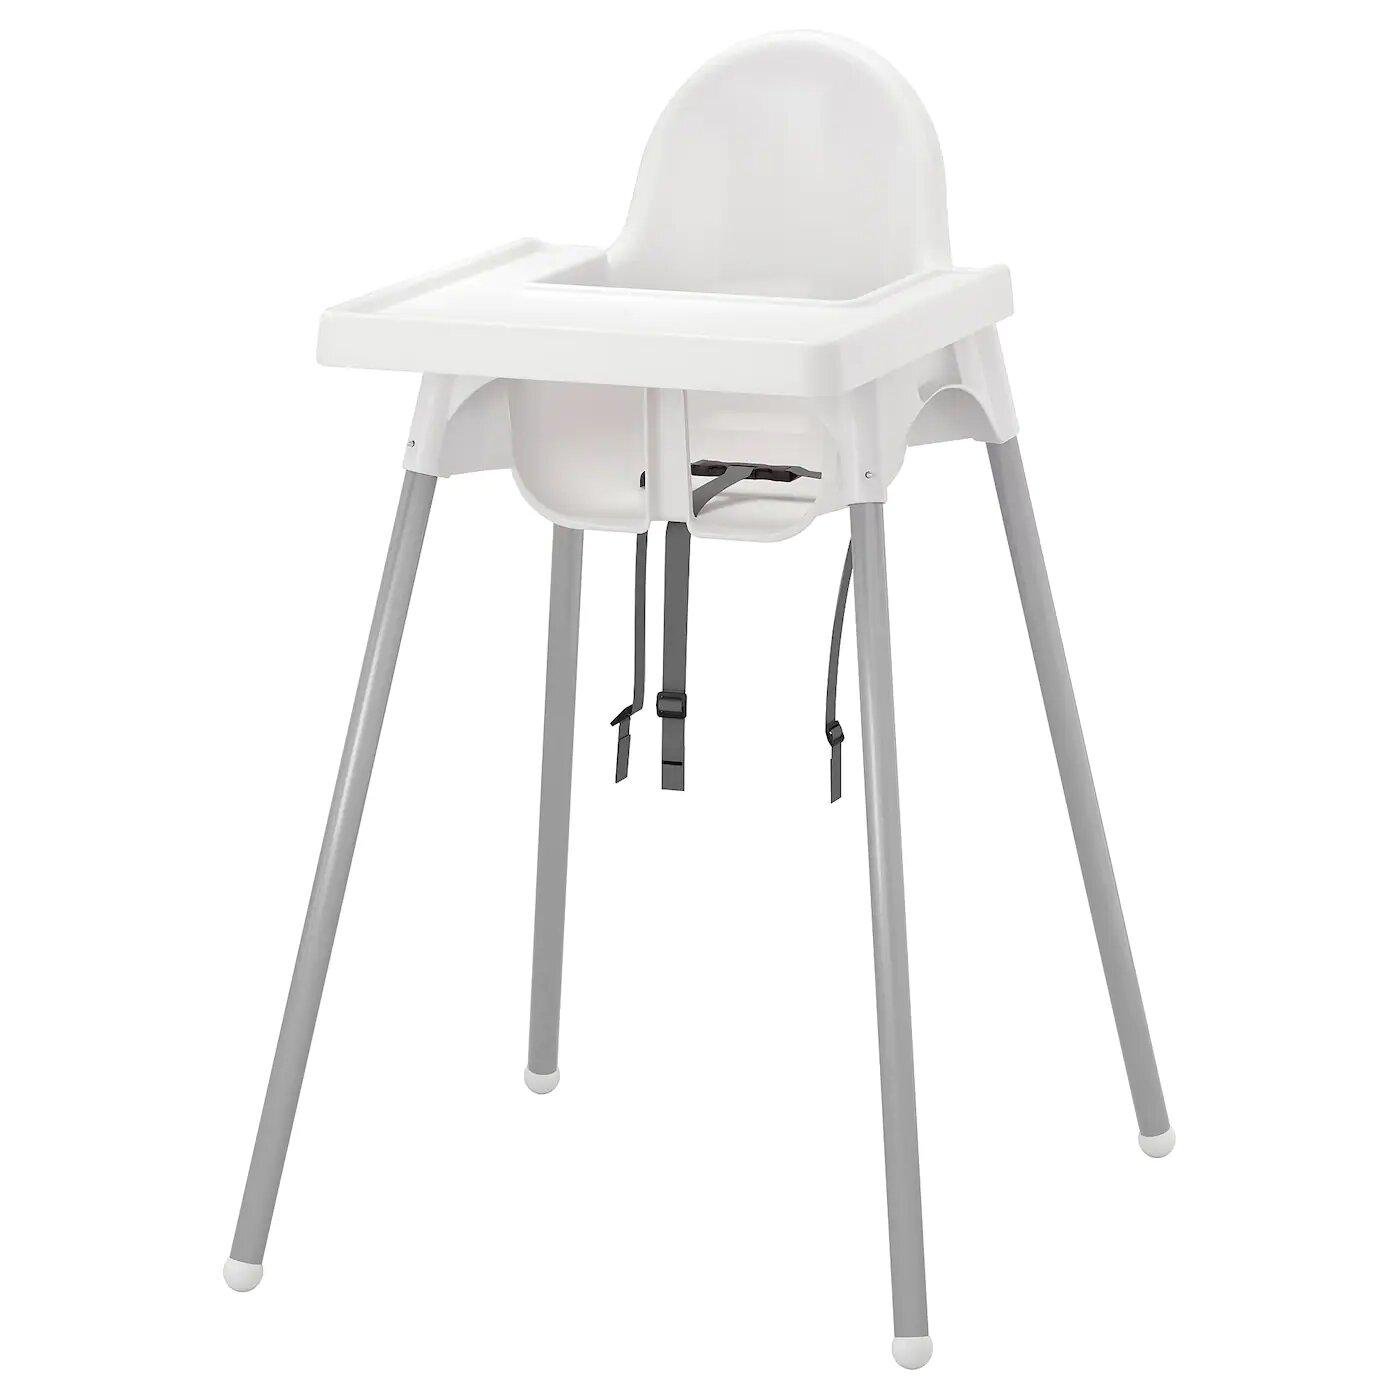 IKEA Antilop High Chair.